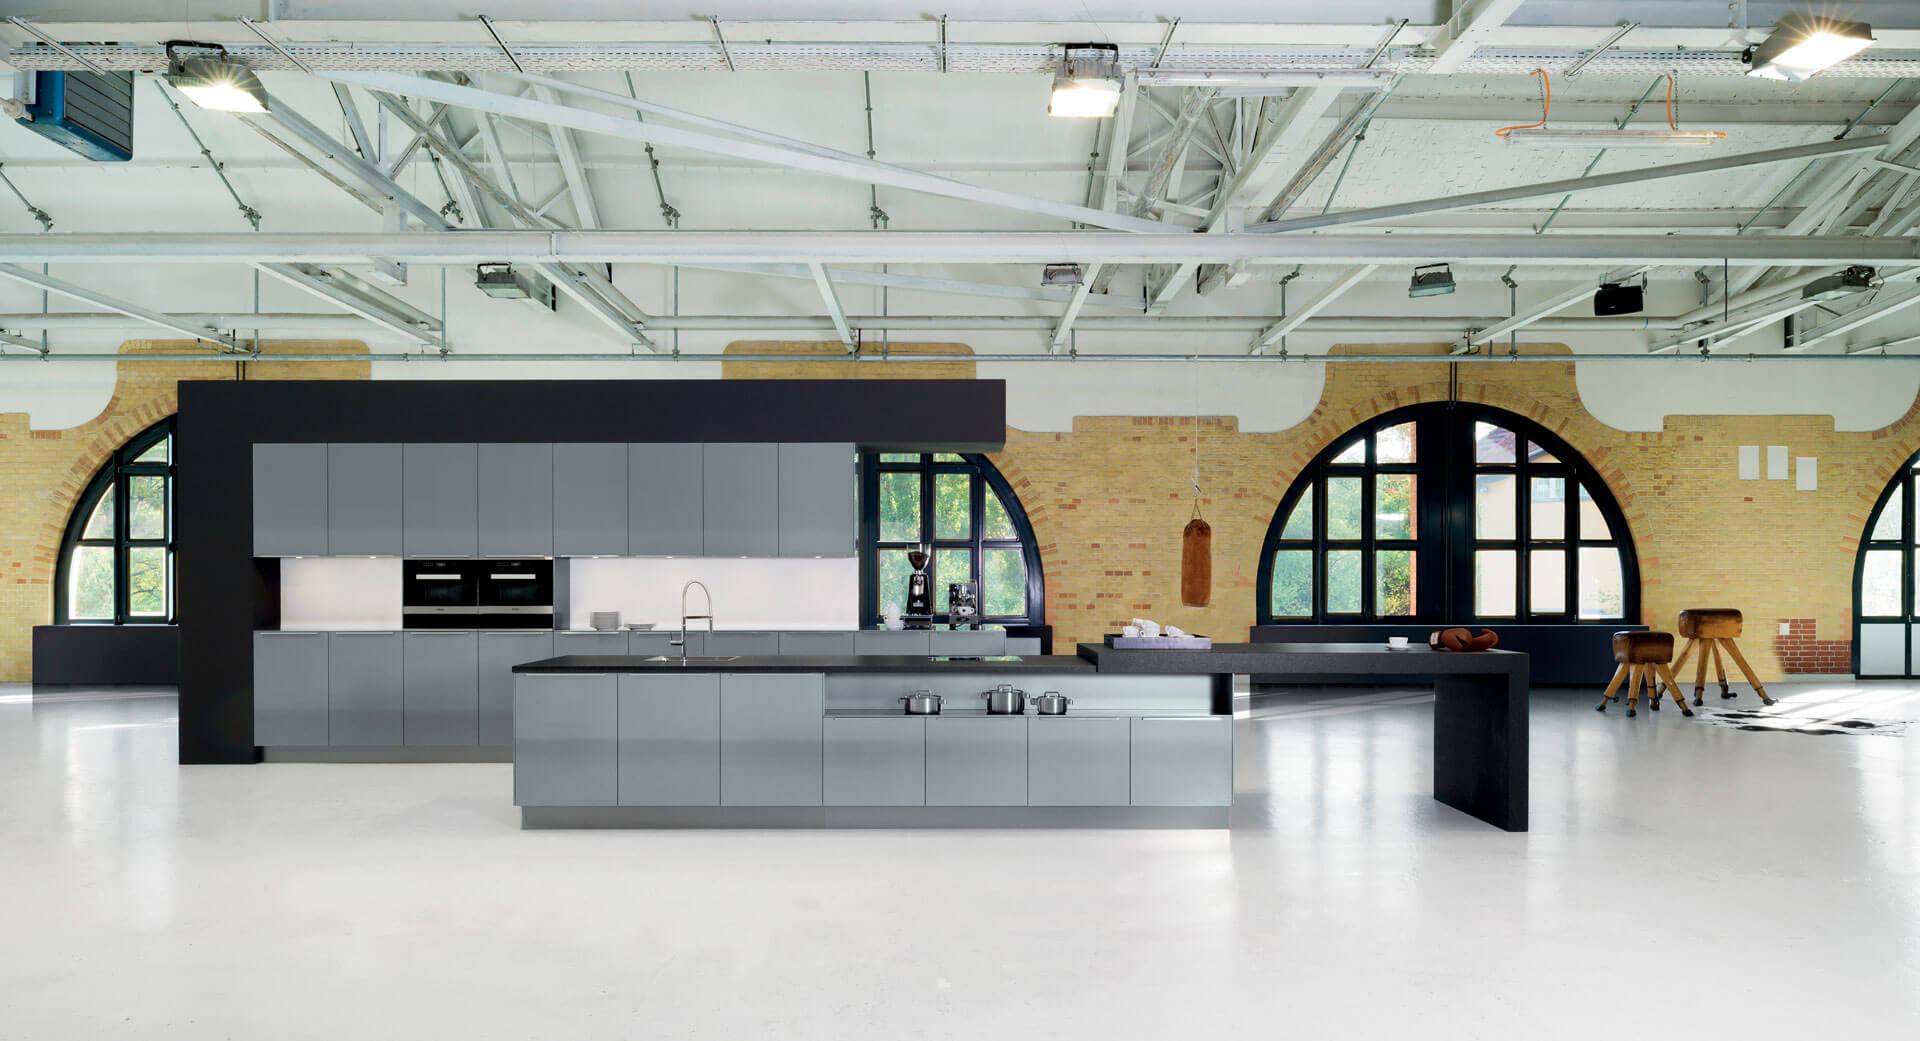 Êtes-vous plutôt pour ou contre le style industriel pour une cuisine ?